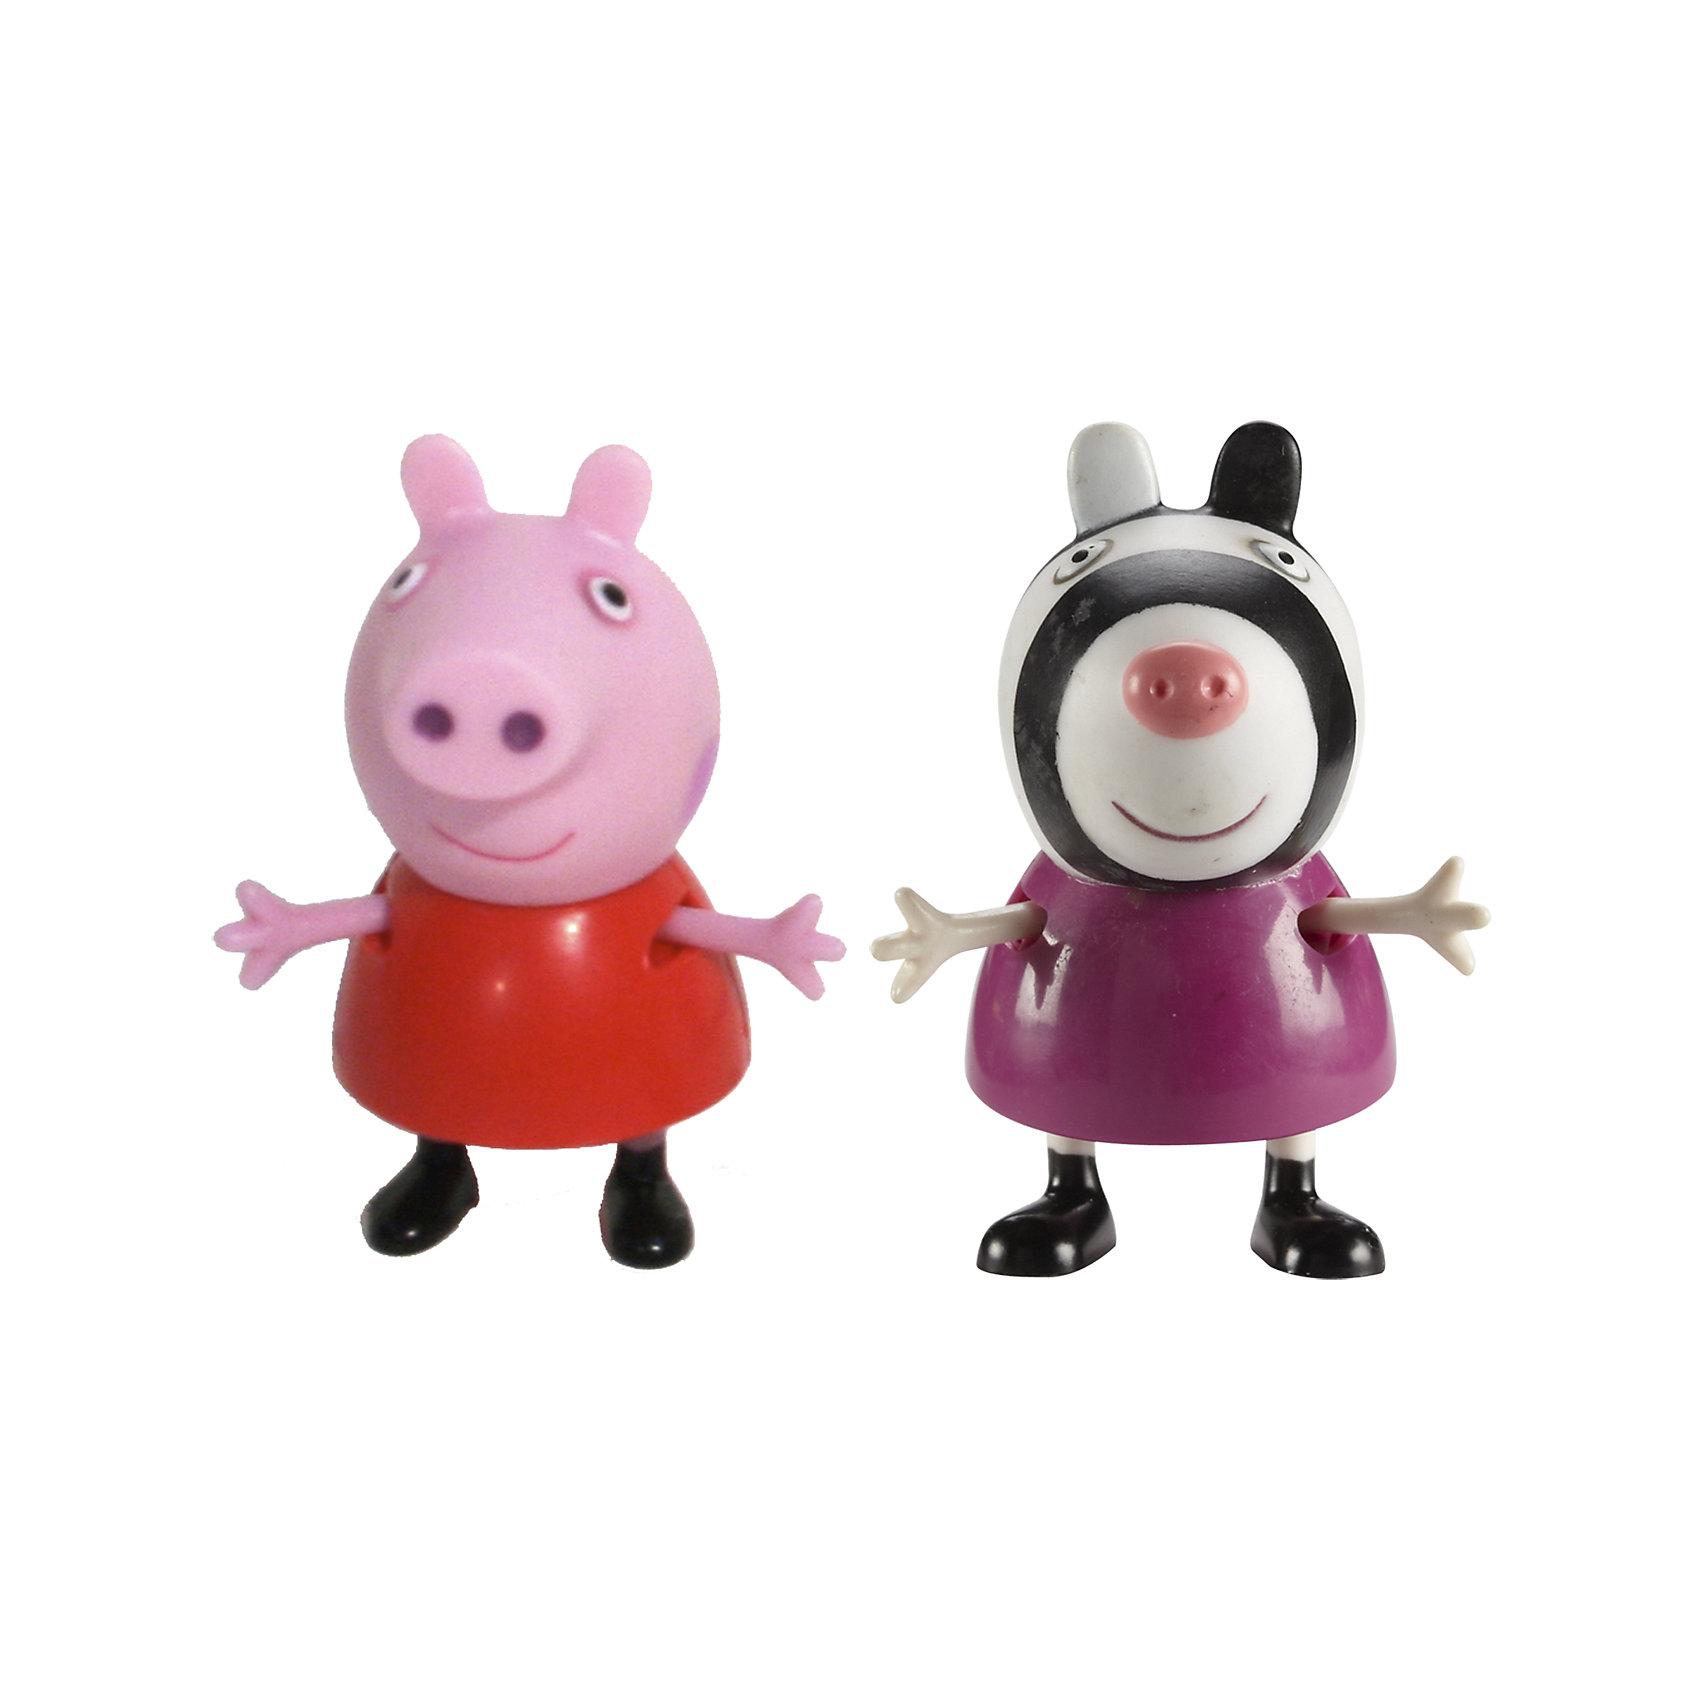 Игровой набор Пеппа и Зои, Свинка ПеппаКоллекционные и игровые фигурки<br>Добро пожаловать в мир Свинки Пеппы! С забавными игрушками из серии «Peppa Pig» веселые мультфильмы оживут прямо у вас дома, а малыши станут участниками увлекательных приключений Пеппы и ее друзей. В наборе Пеппа и Зои 2 фигурки, которые могут сидеть, стоять, двигать ручками и ножками. Игрушки выполнены из высококачественных экологичных материалов безопасных для детей. Собери всех героев известного мультсериала, проигрывай любимые сцены или придумывай свои новые истории! <br><br>Дополнительная информация:<br><br>- Материал: пластик.<br>- Руки, ноги фигурок подвижные. <br>- Размер фигурок: 5 см.<br><br>Игровой набор Пеппа и Зои Свинка Пеппа, можно купить в нашем магазине.<br><br>Ширина мм: 140<br>Глубина мм: 50<br>Высота мм: 155<br>Вес г: 85<br>Возраст от месяцев: 36<br>Возраст до месяцев: 72<br>Пол: Унисекс<br>Возраст: Детский<br>SKU: 4261813